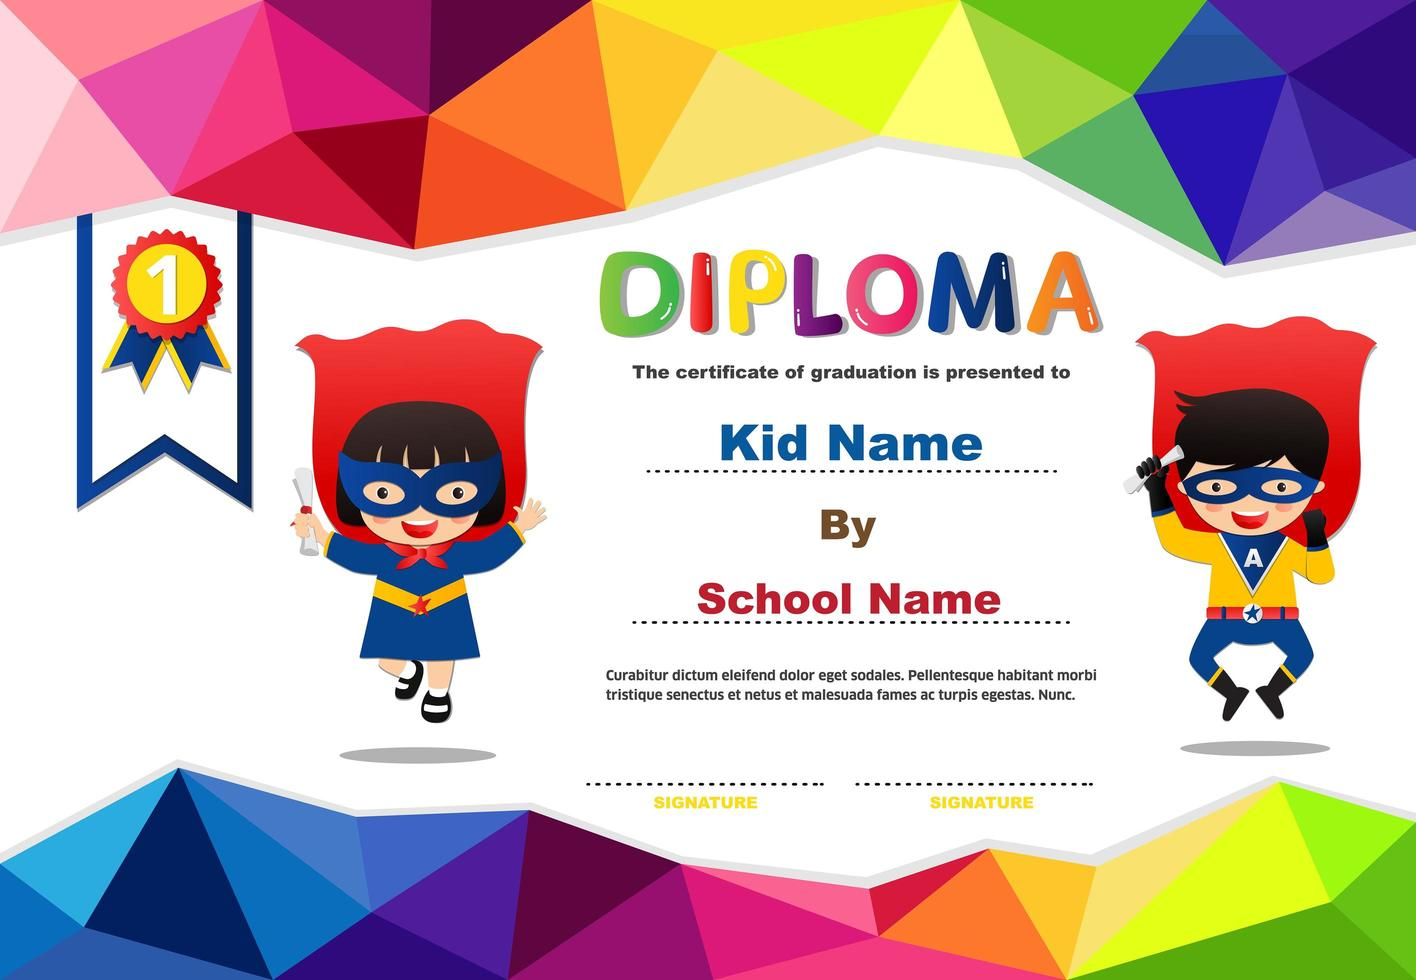 diploma di poligona supereroi prescolare per bambini vettore